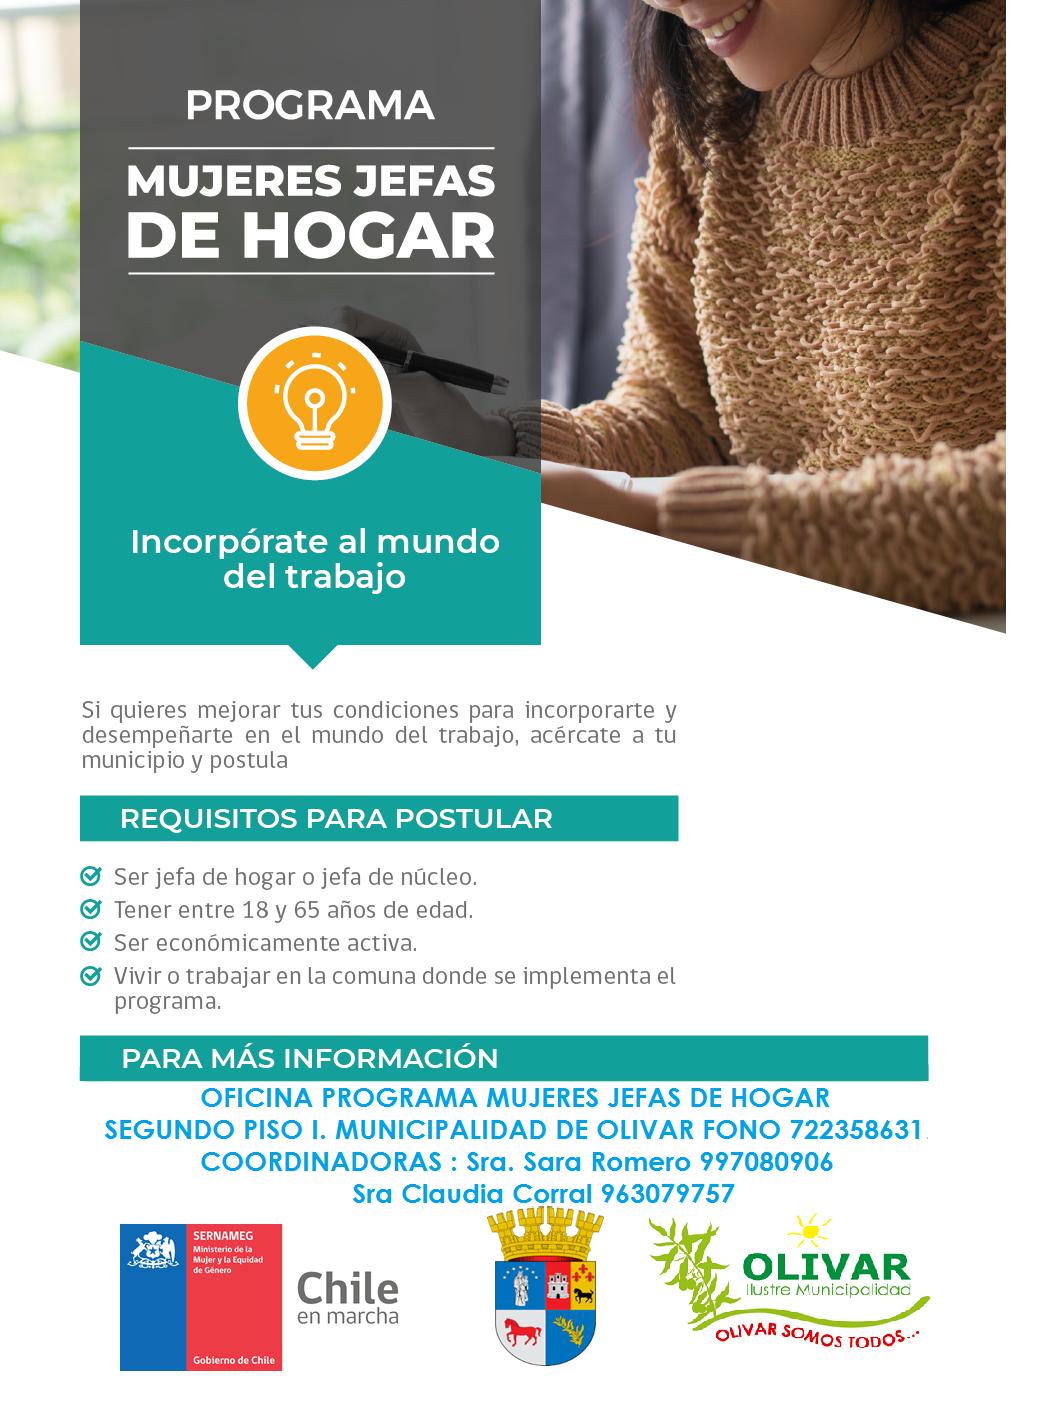 Programa Mujeres Jefas de Hogar abre sus inscripciones en Olivar